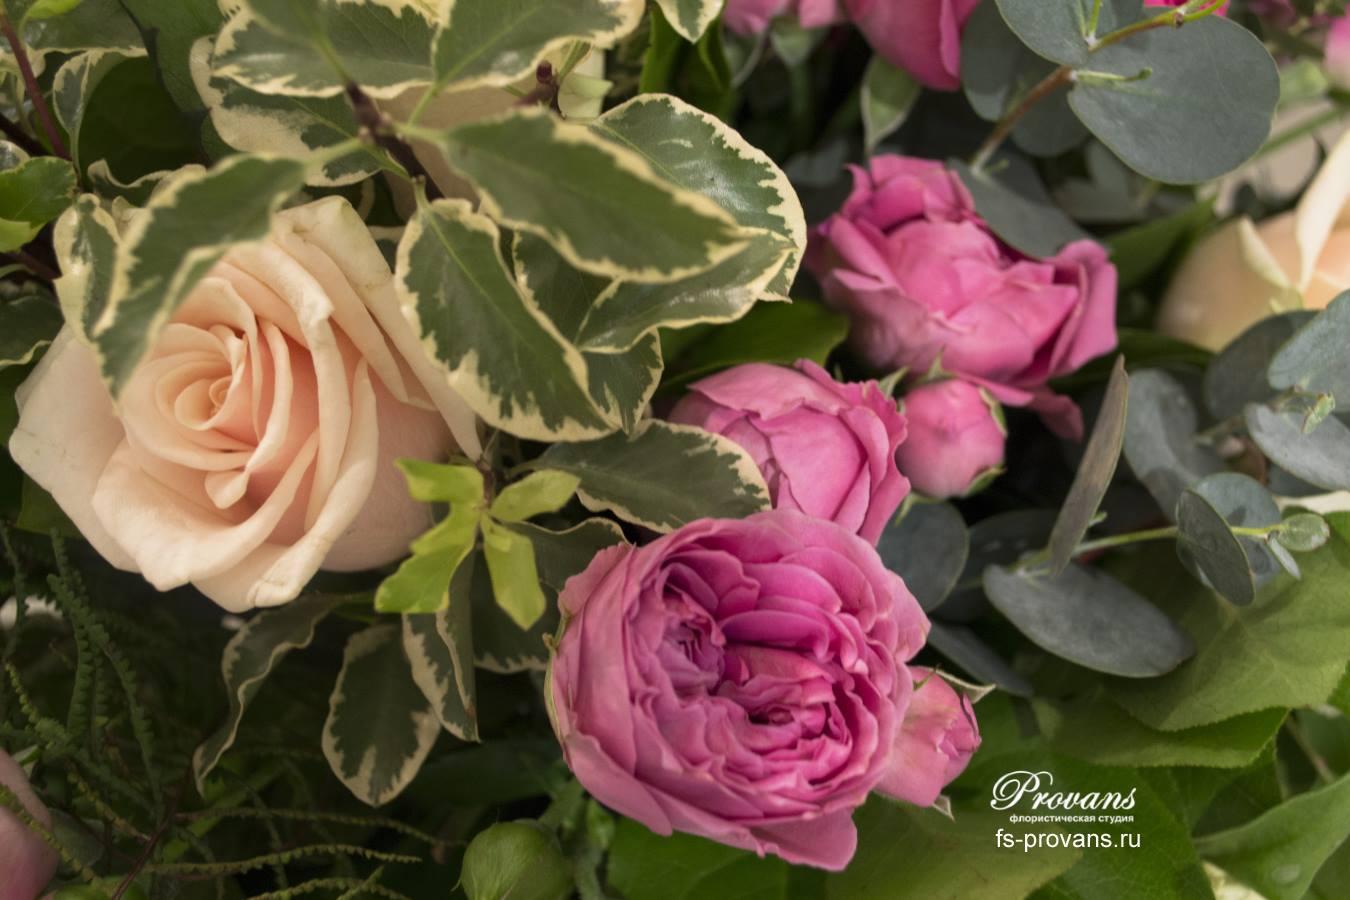 Букет на юбилей. Пионовидные розы, эустома, плоды лотоса